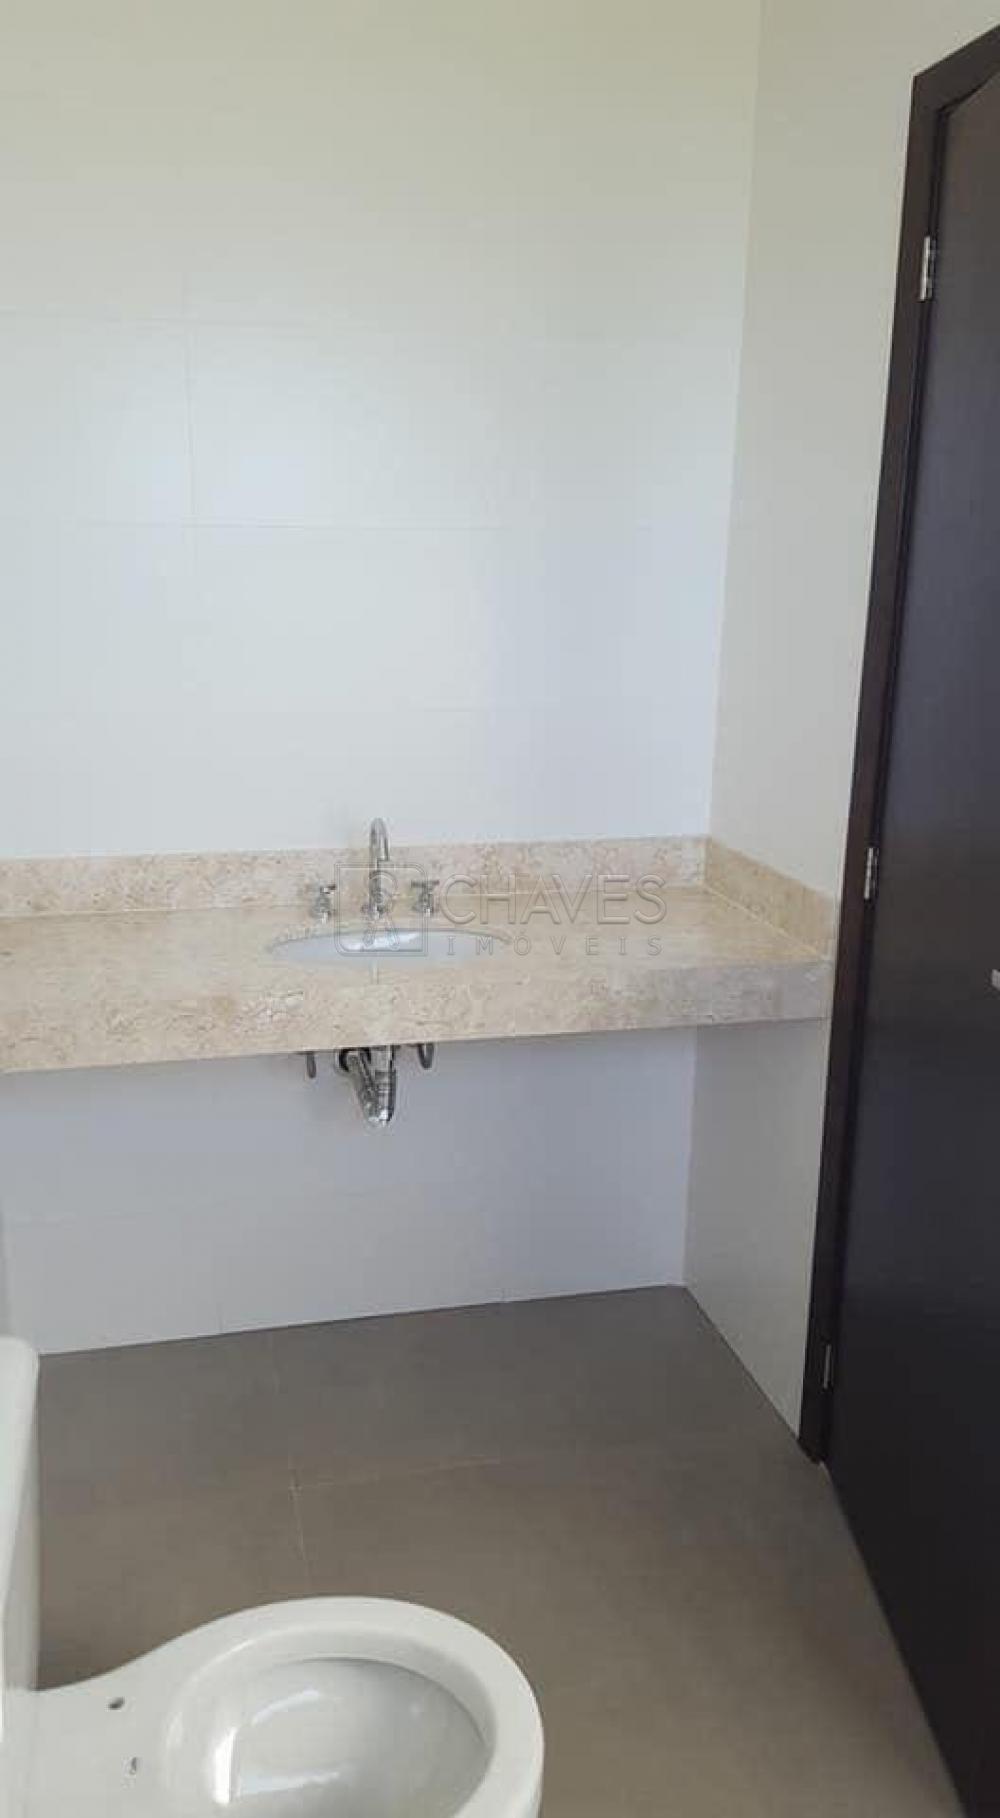 Alugar Casa / Condomínio em Bonfim Paulista apenas R$ 3.000,00 - Foto 8